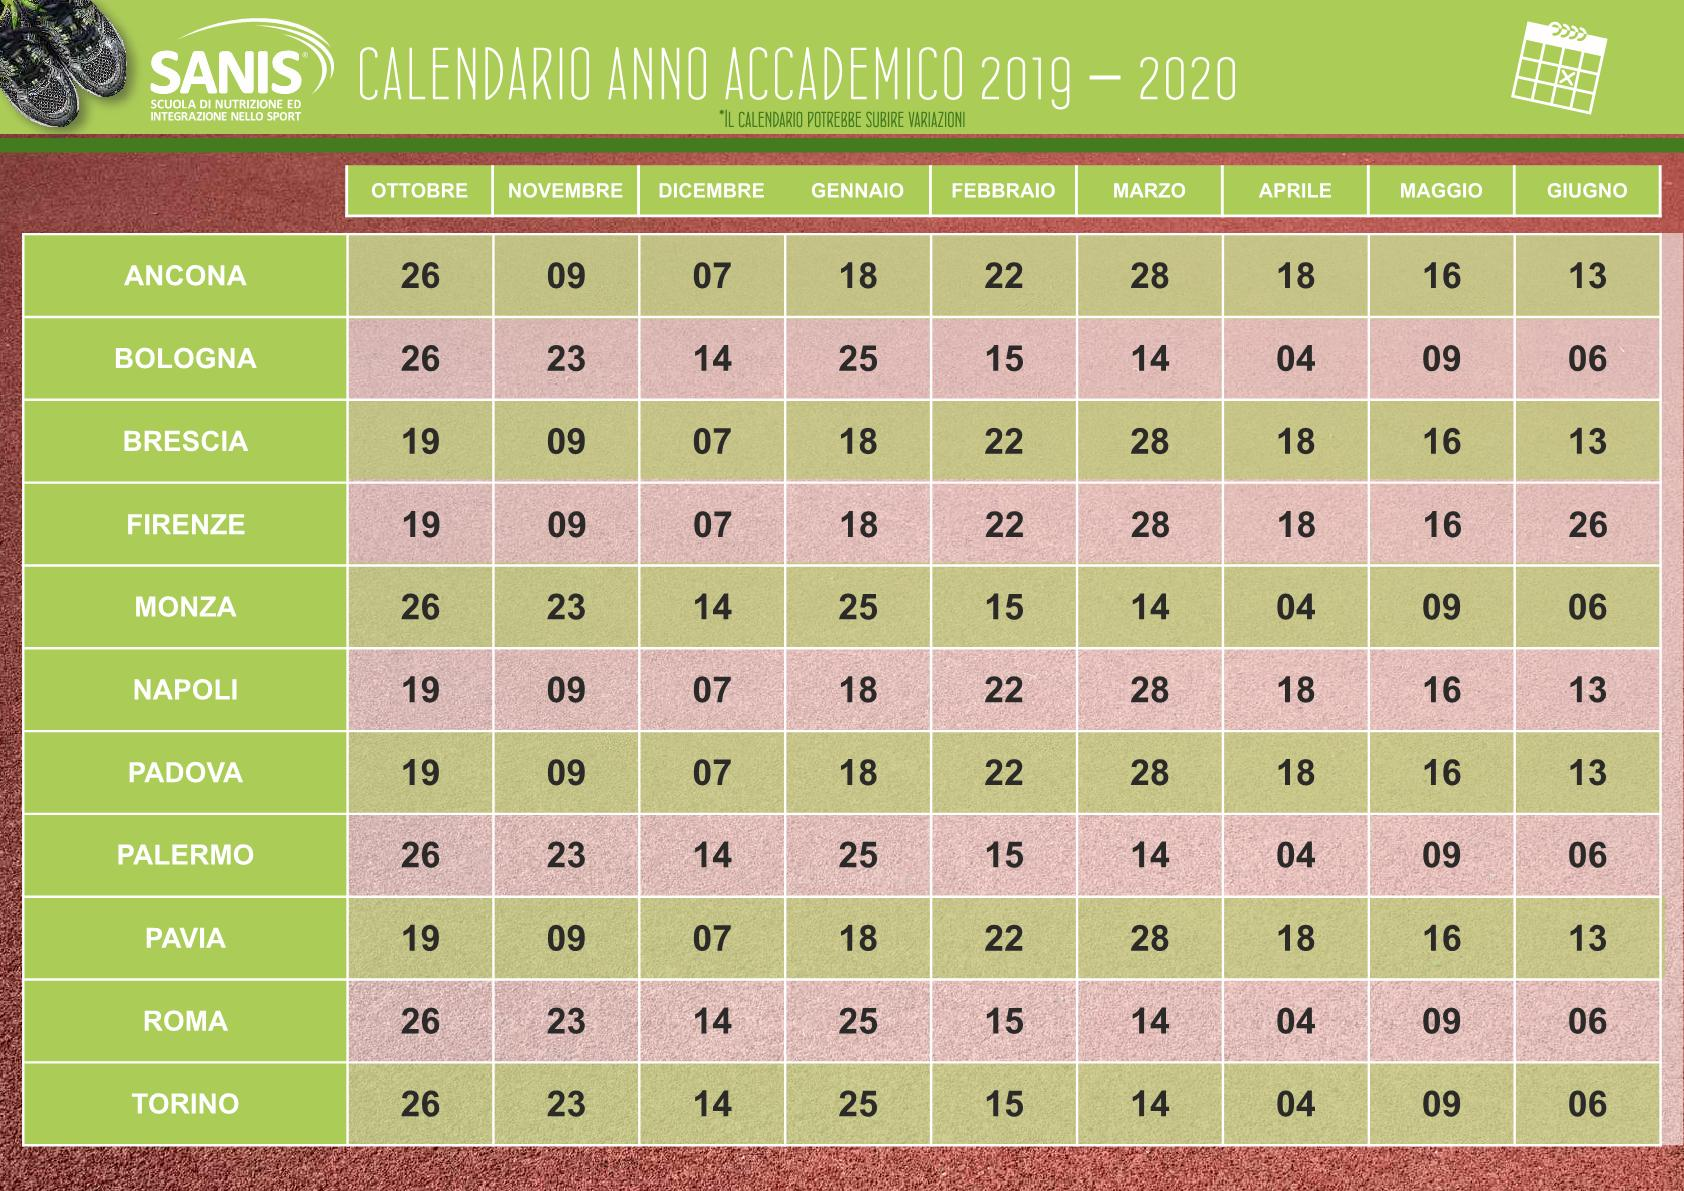 Calendario Anno 2020.Calendario Scuola Nutrizione Sportiva Sanis